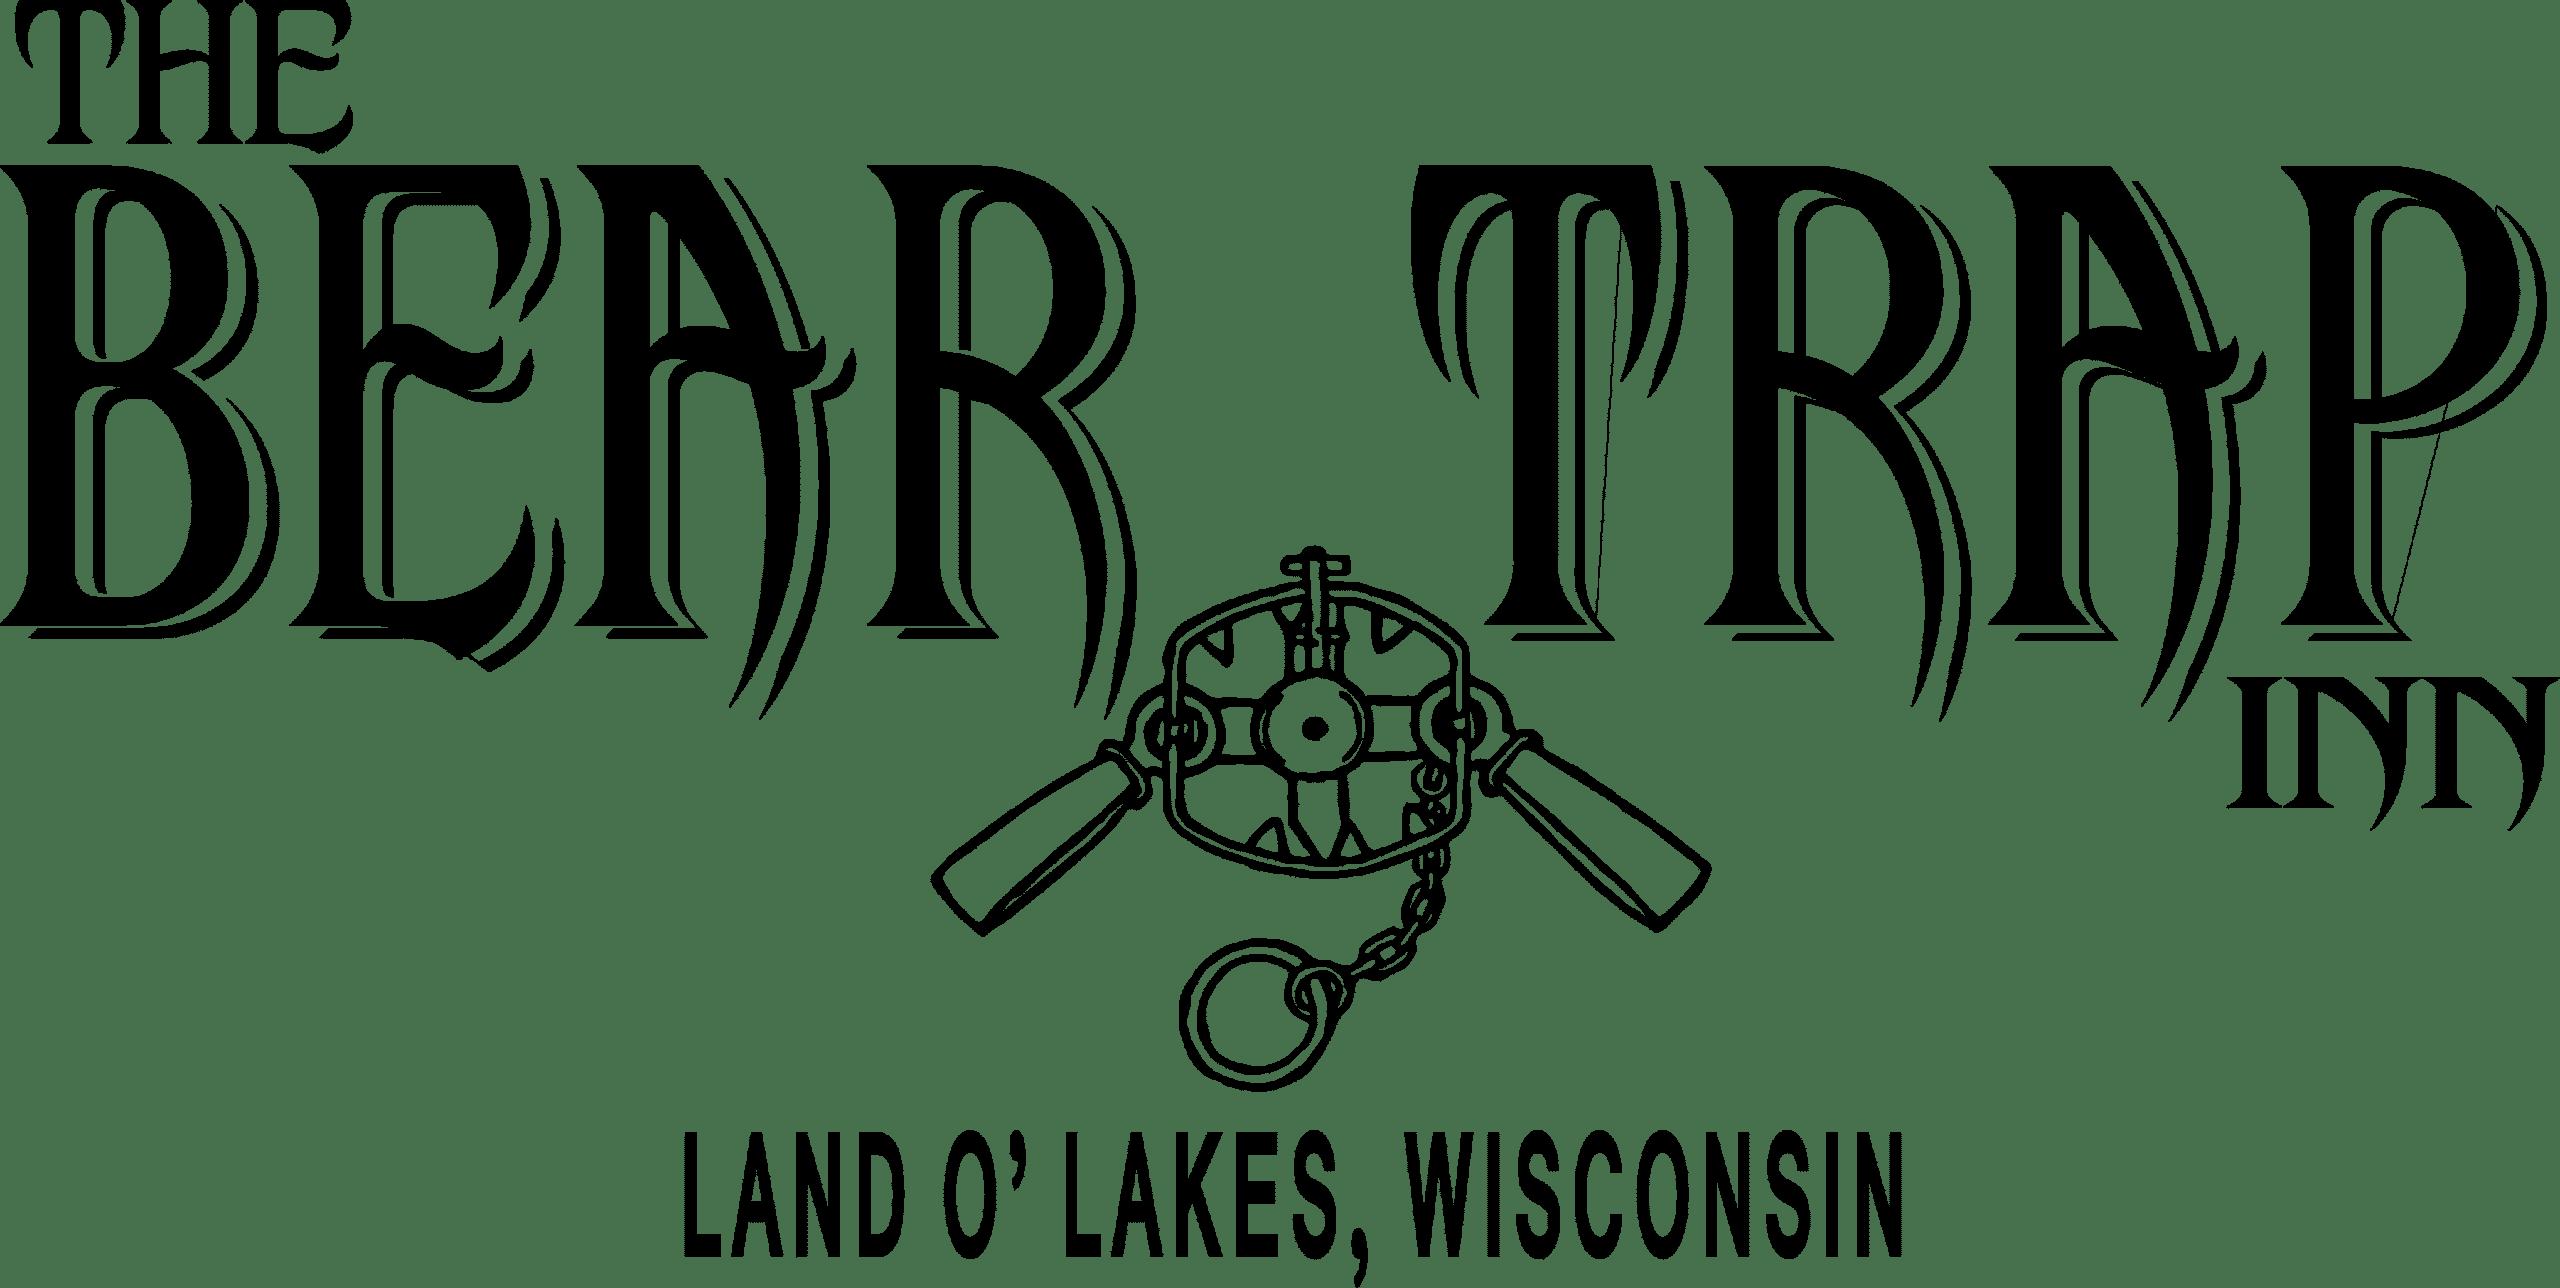 Bear trap inn sponsor